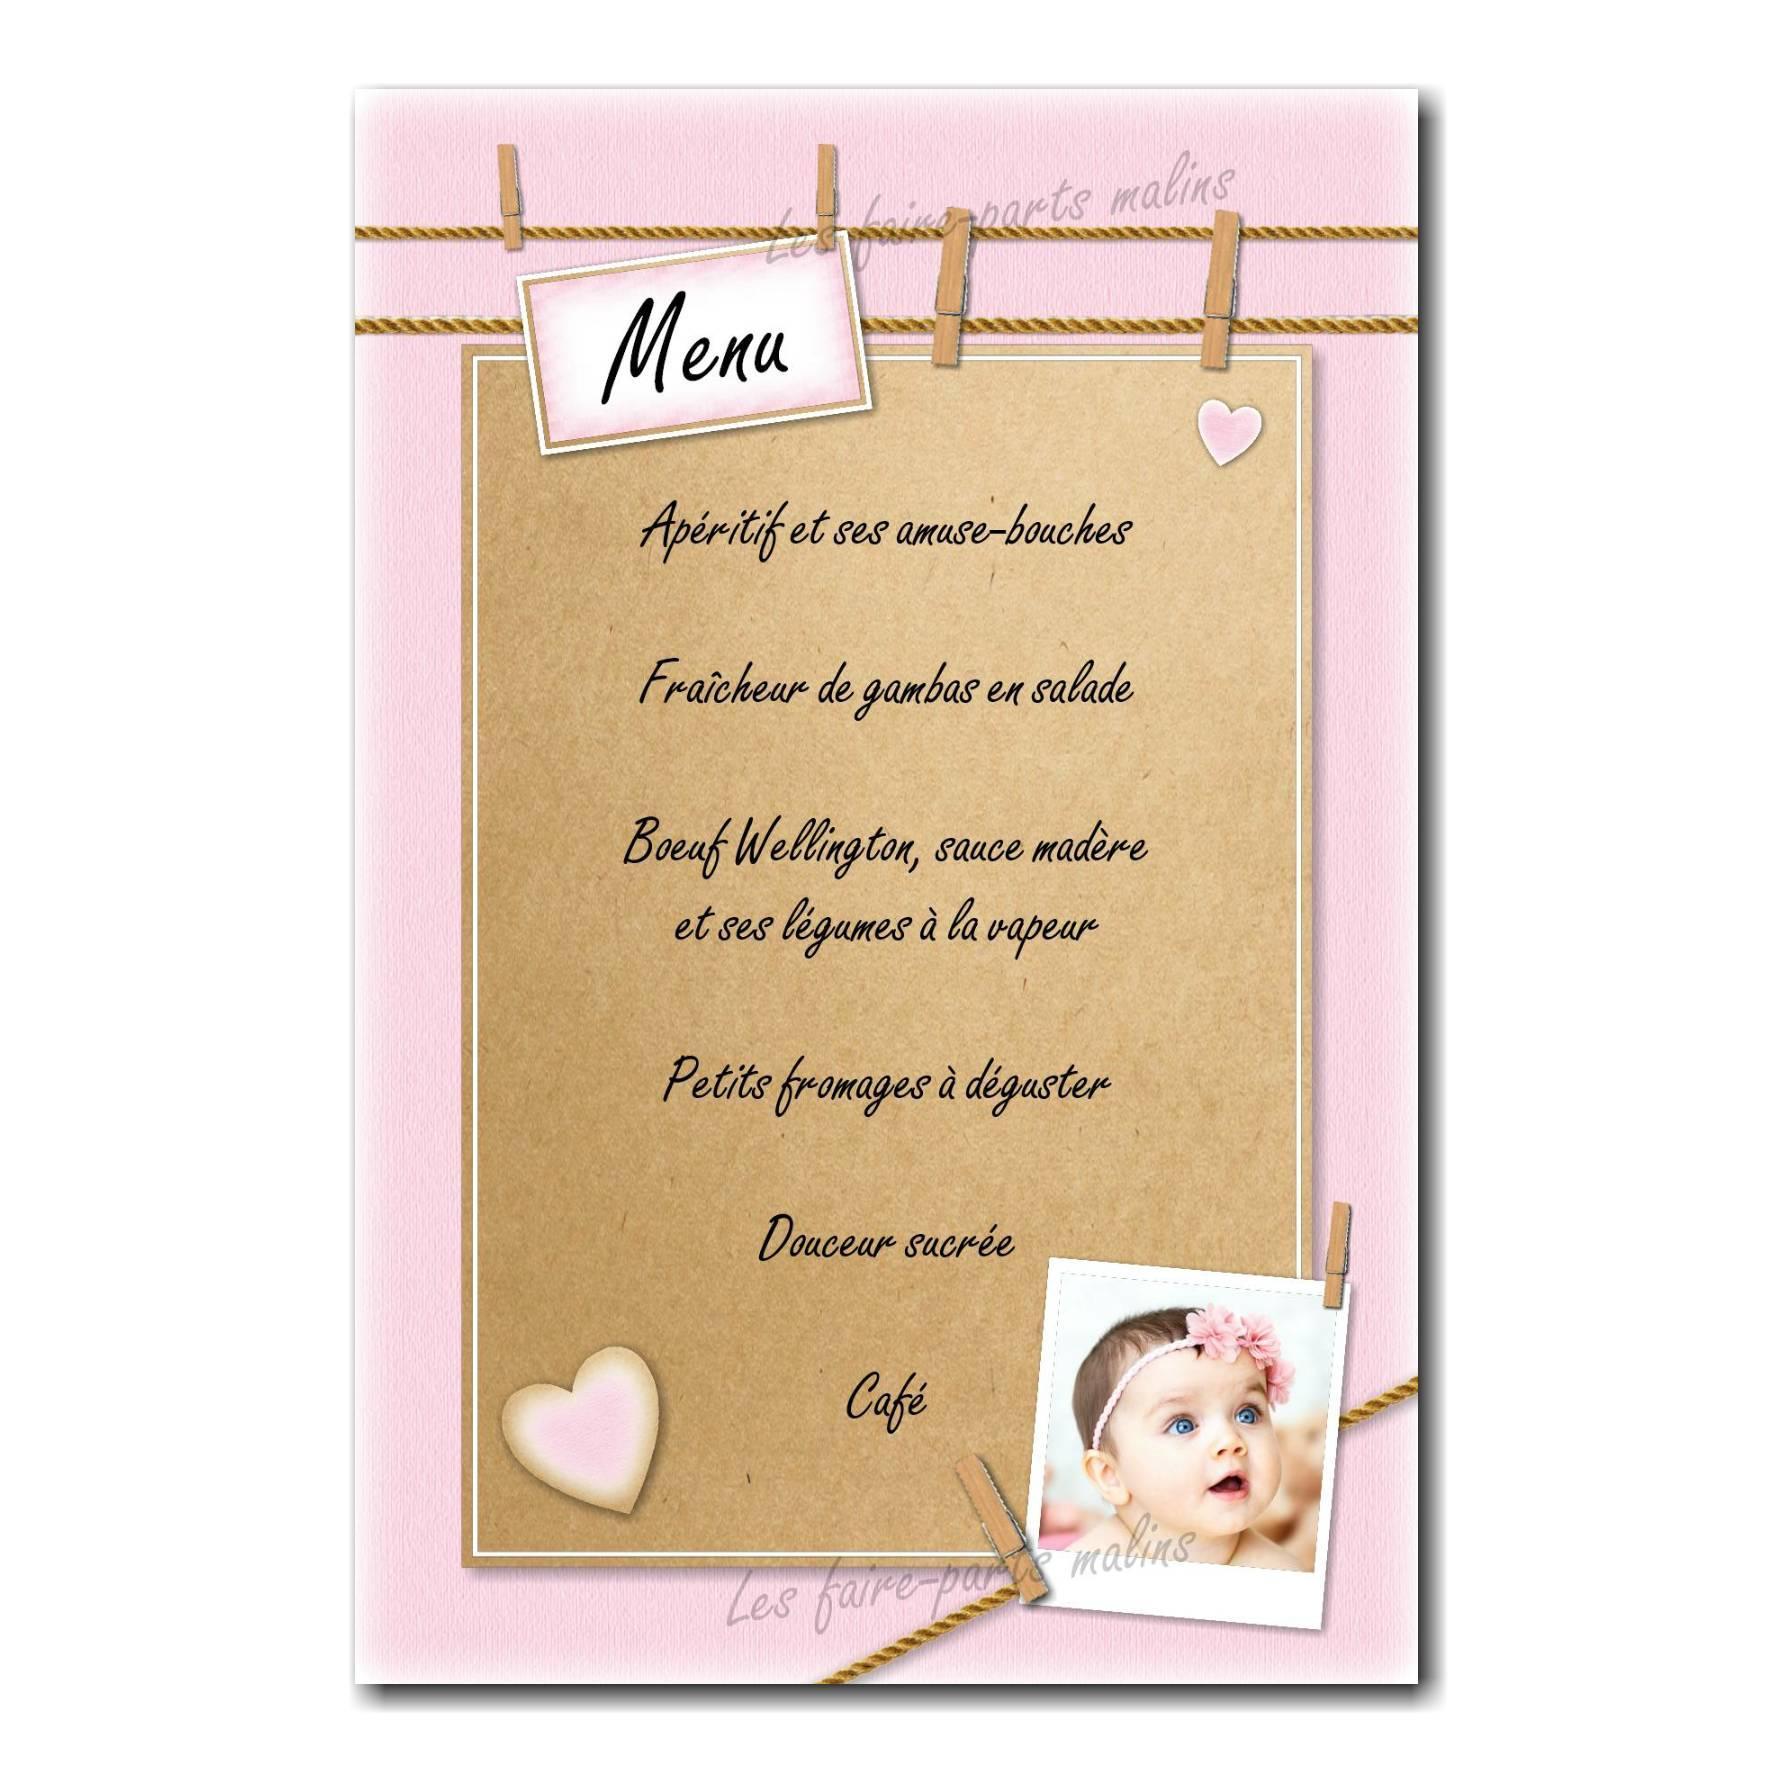 09 fille menu photo